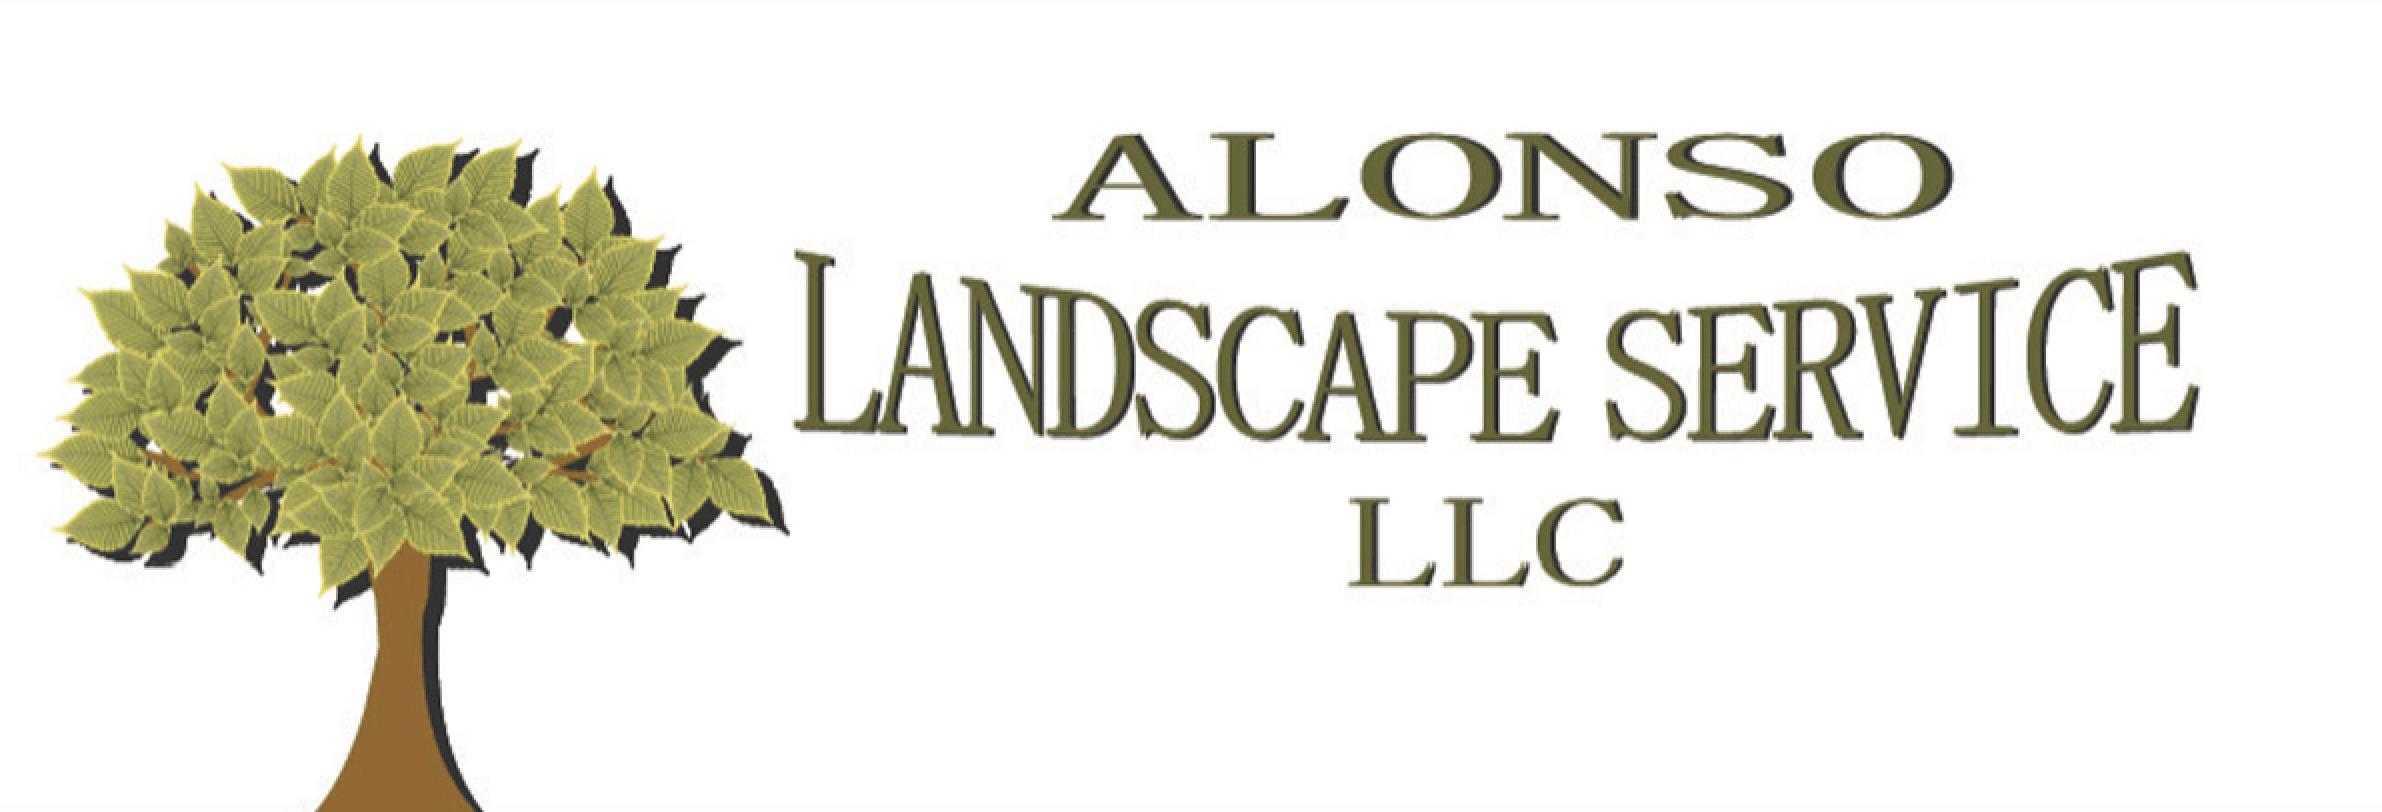 Alonso Landscape Service